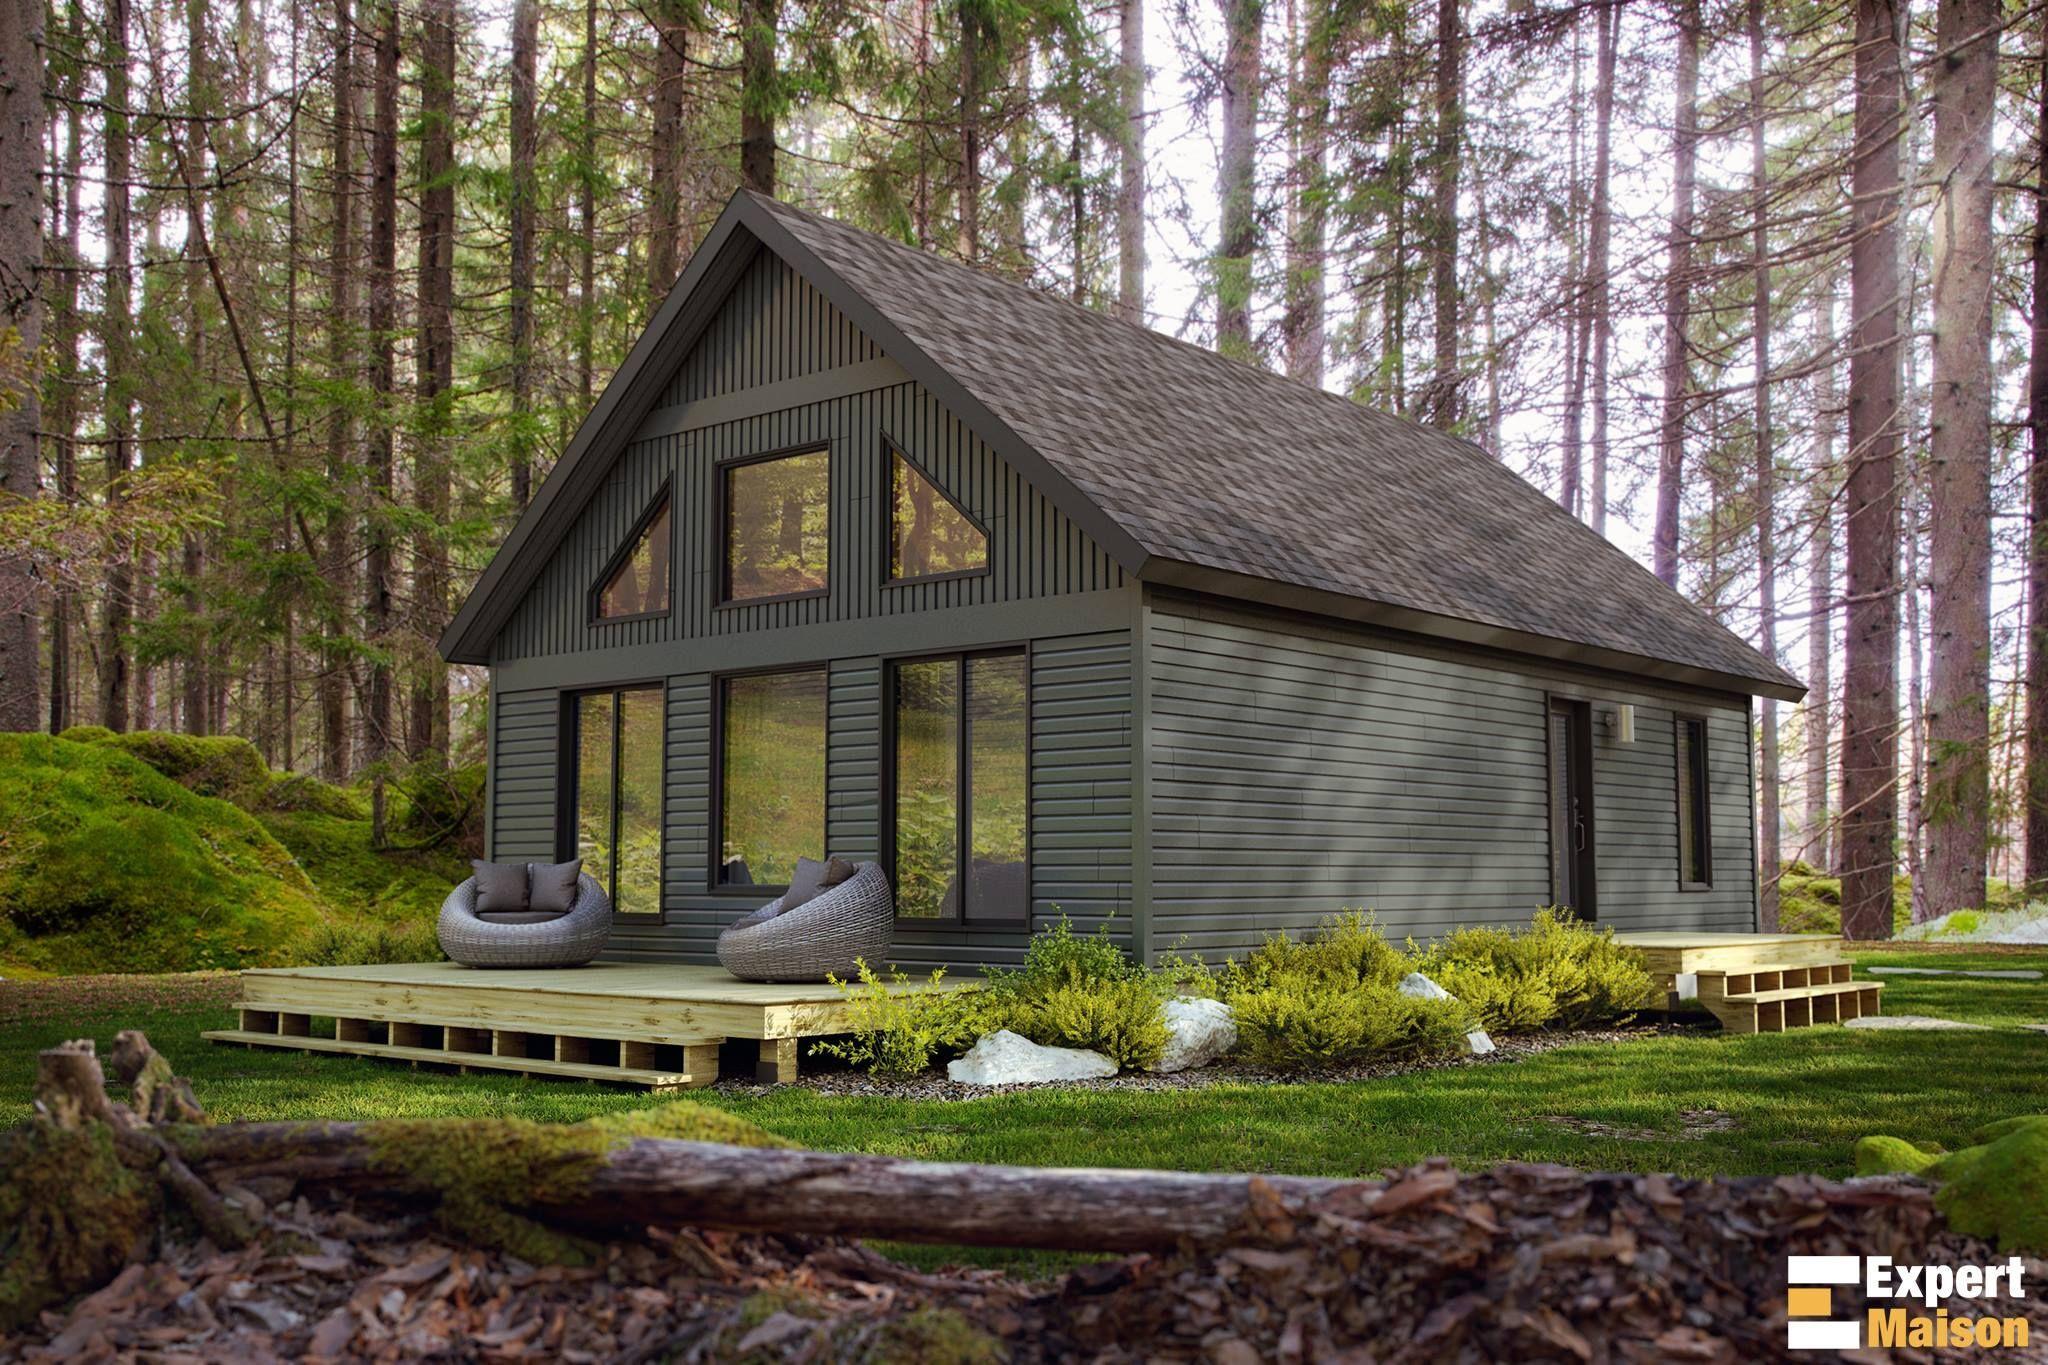 Modèle 820 - Maison d'inspiration chalet 24x36 modifiable avec mezzanine à prix très compétitif ...